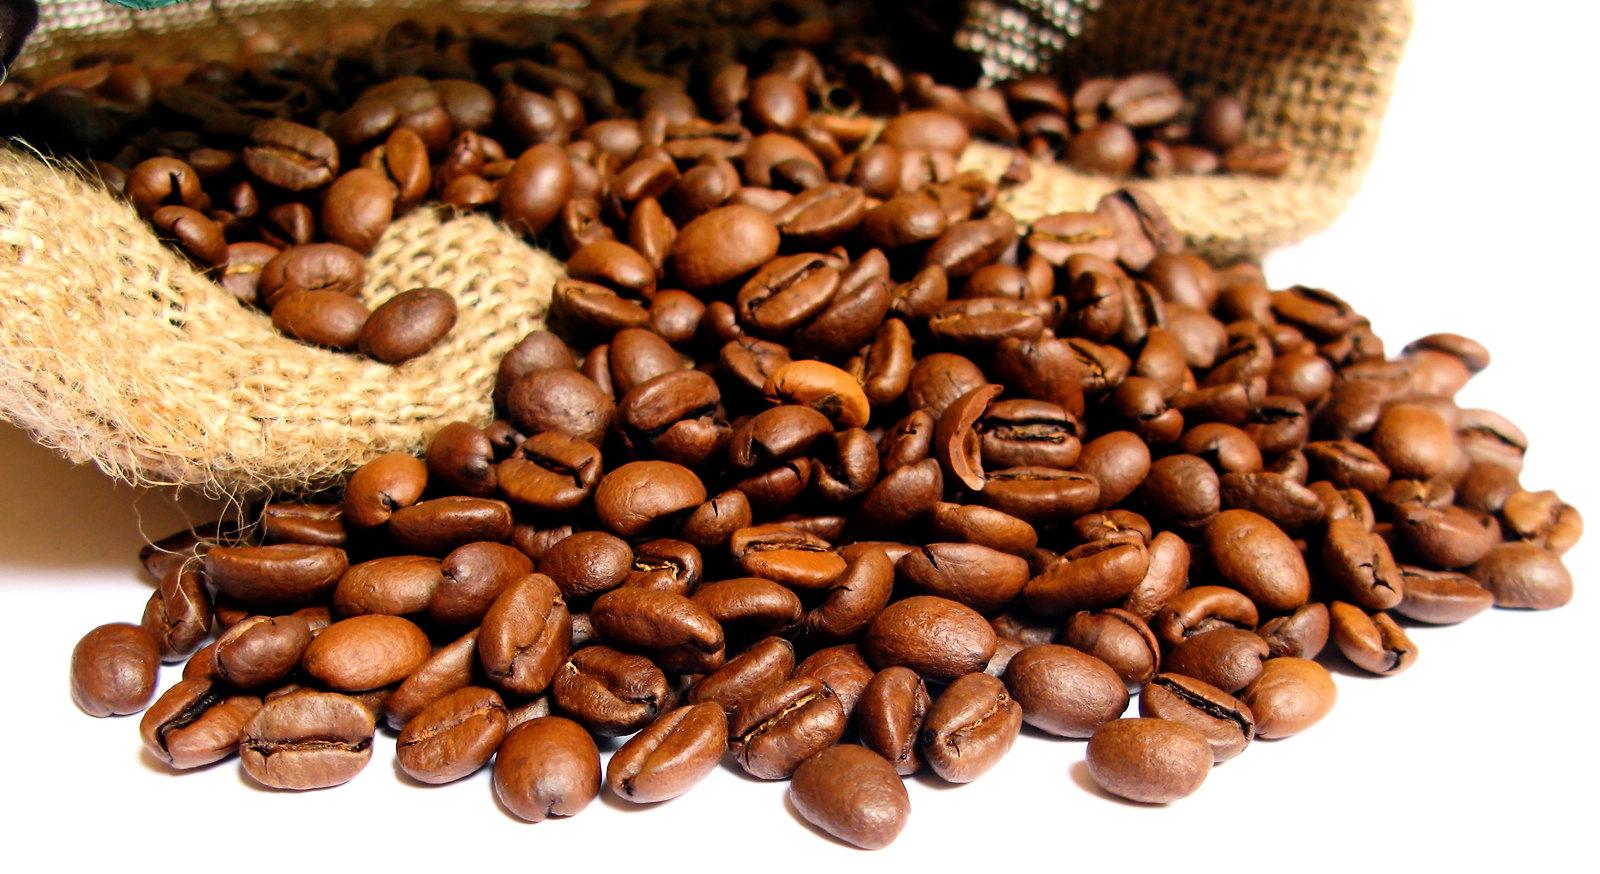 зерновой кофе моносорта и эспрессо смеси